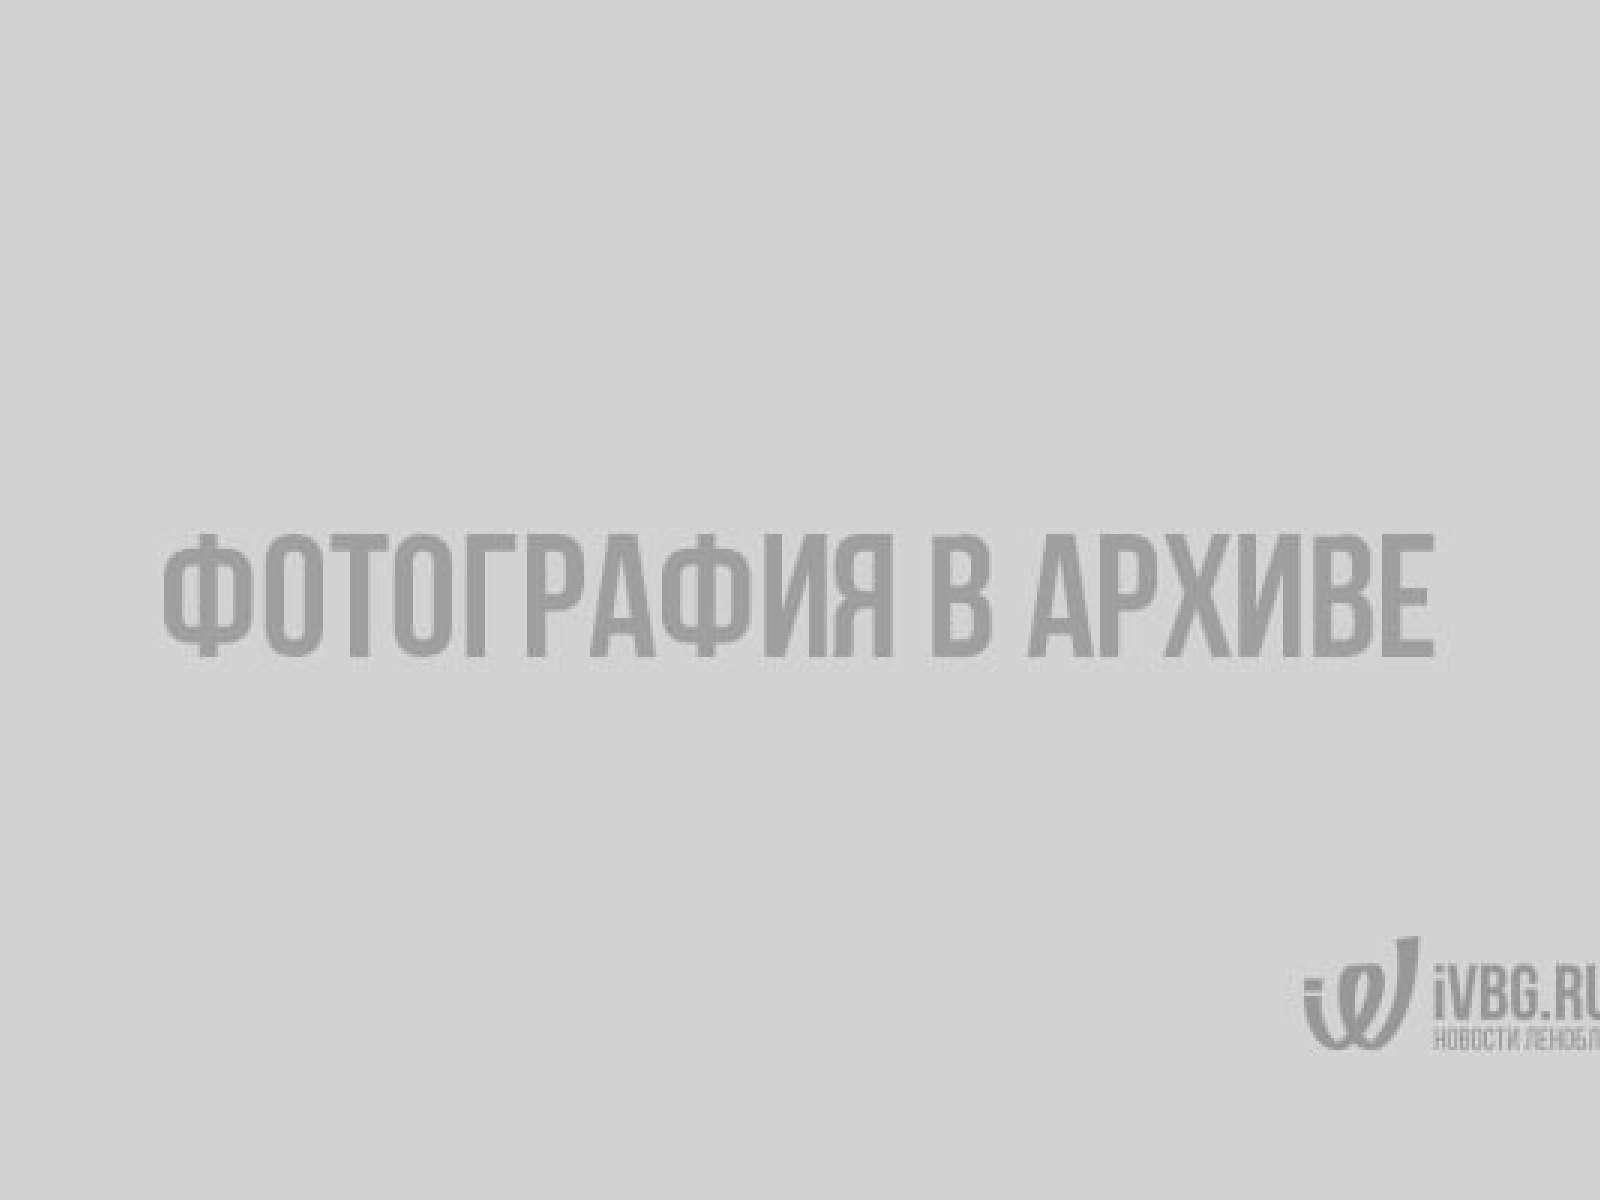 Фото: под Кингисеппом произошла массовая авария массовая авария, Ленобласть, Кингисеппский район, Кингисепп, ДТП